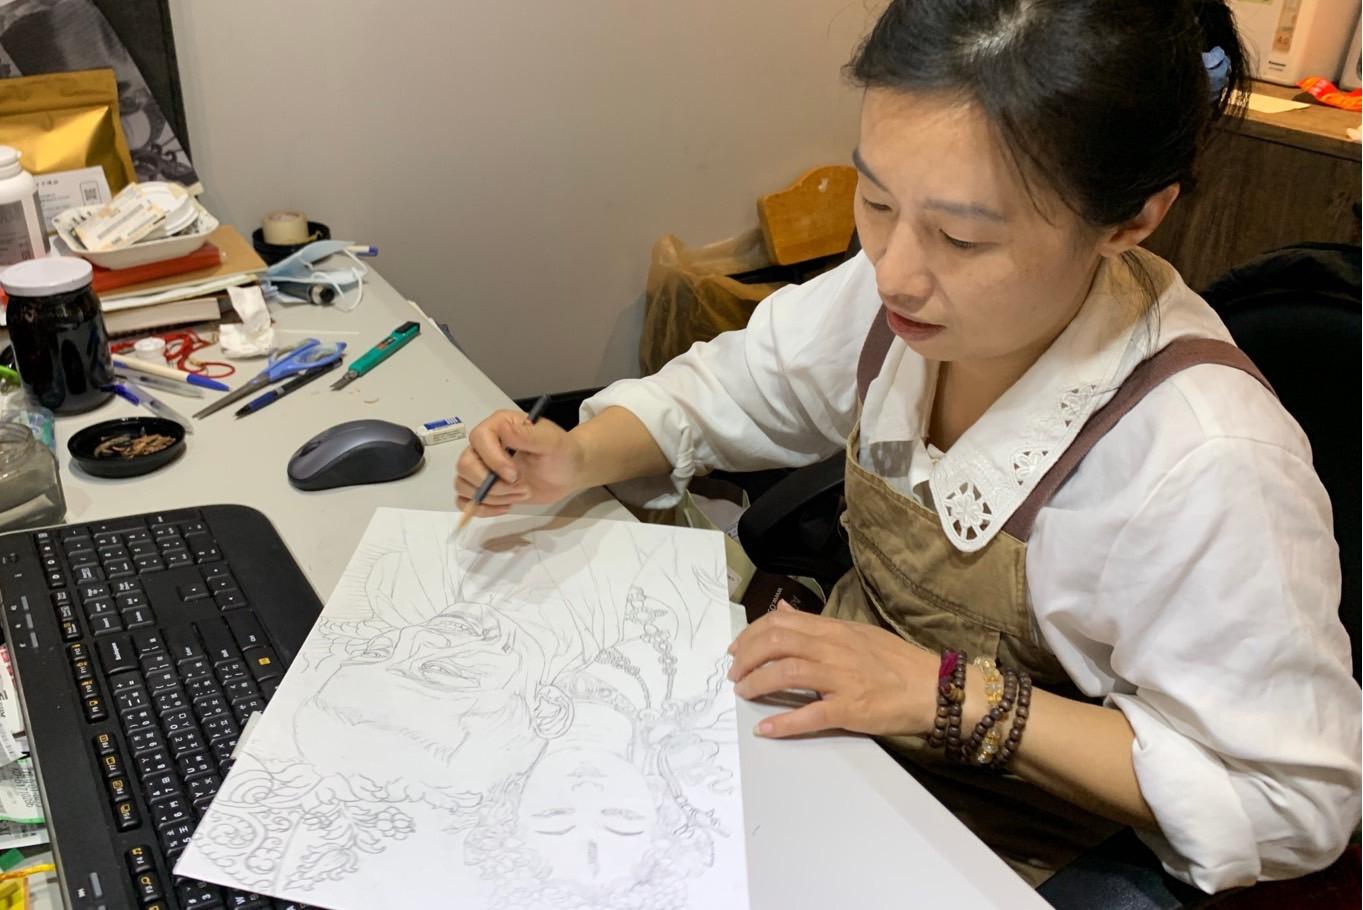 董靜蓉以黑白炭筆呈現系列西藏人權捍衛者,代表西藏文化正在失去它真正色彩,並為每位畫中人物,找出代表其精神的菩薩或護法神作象徵。(記者夏小華攝)